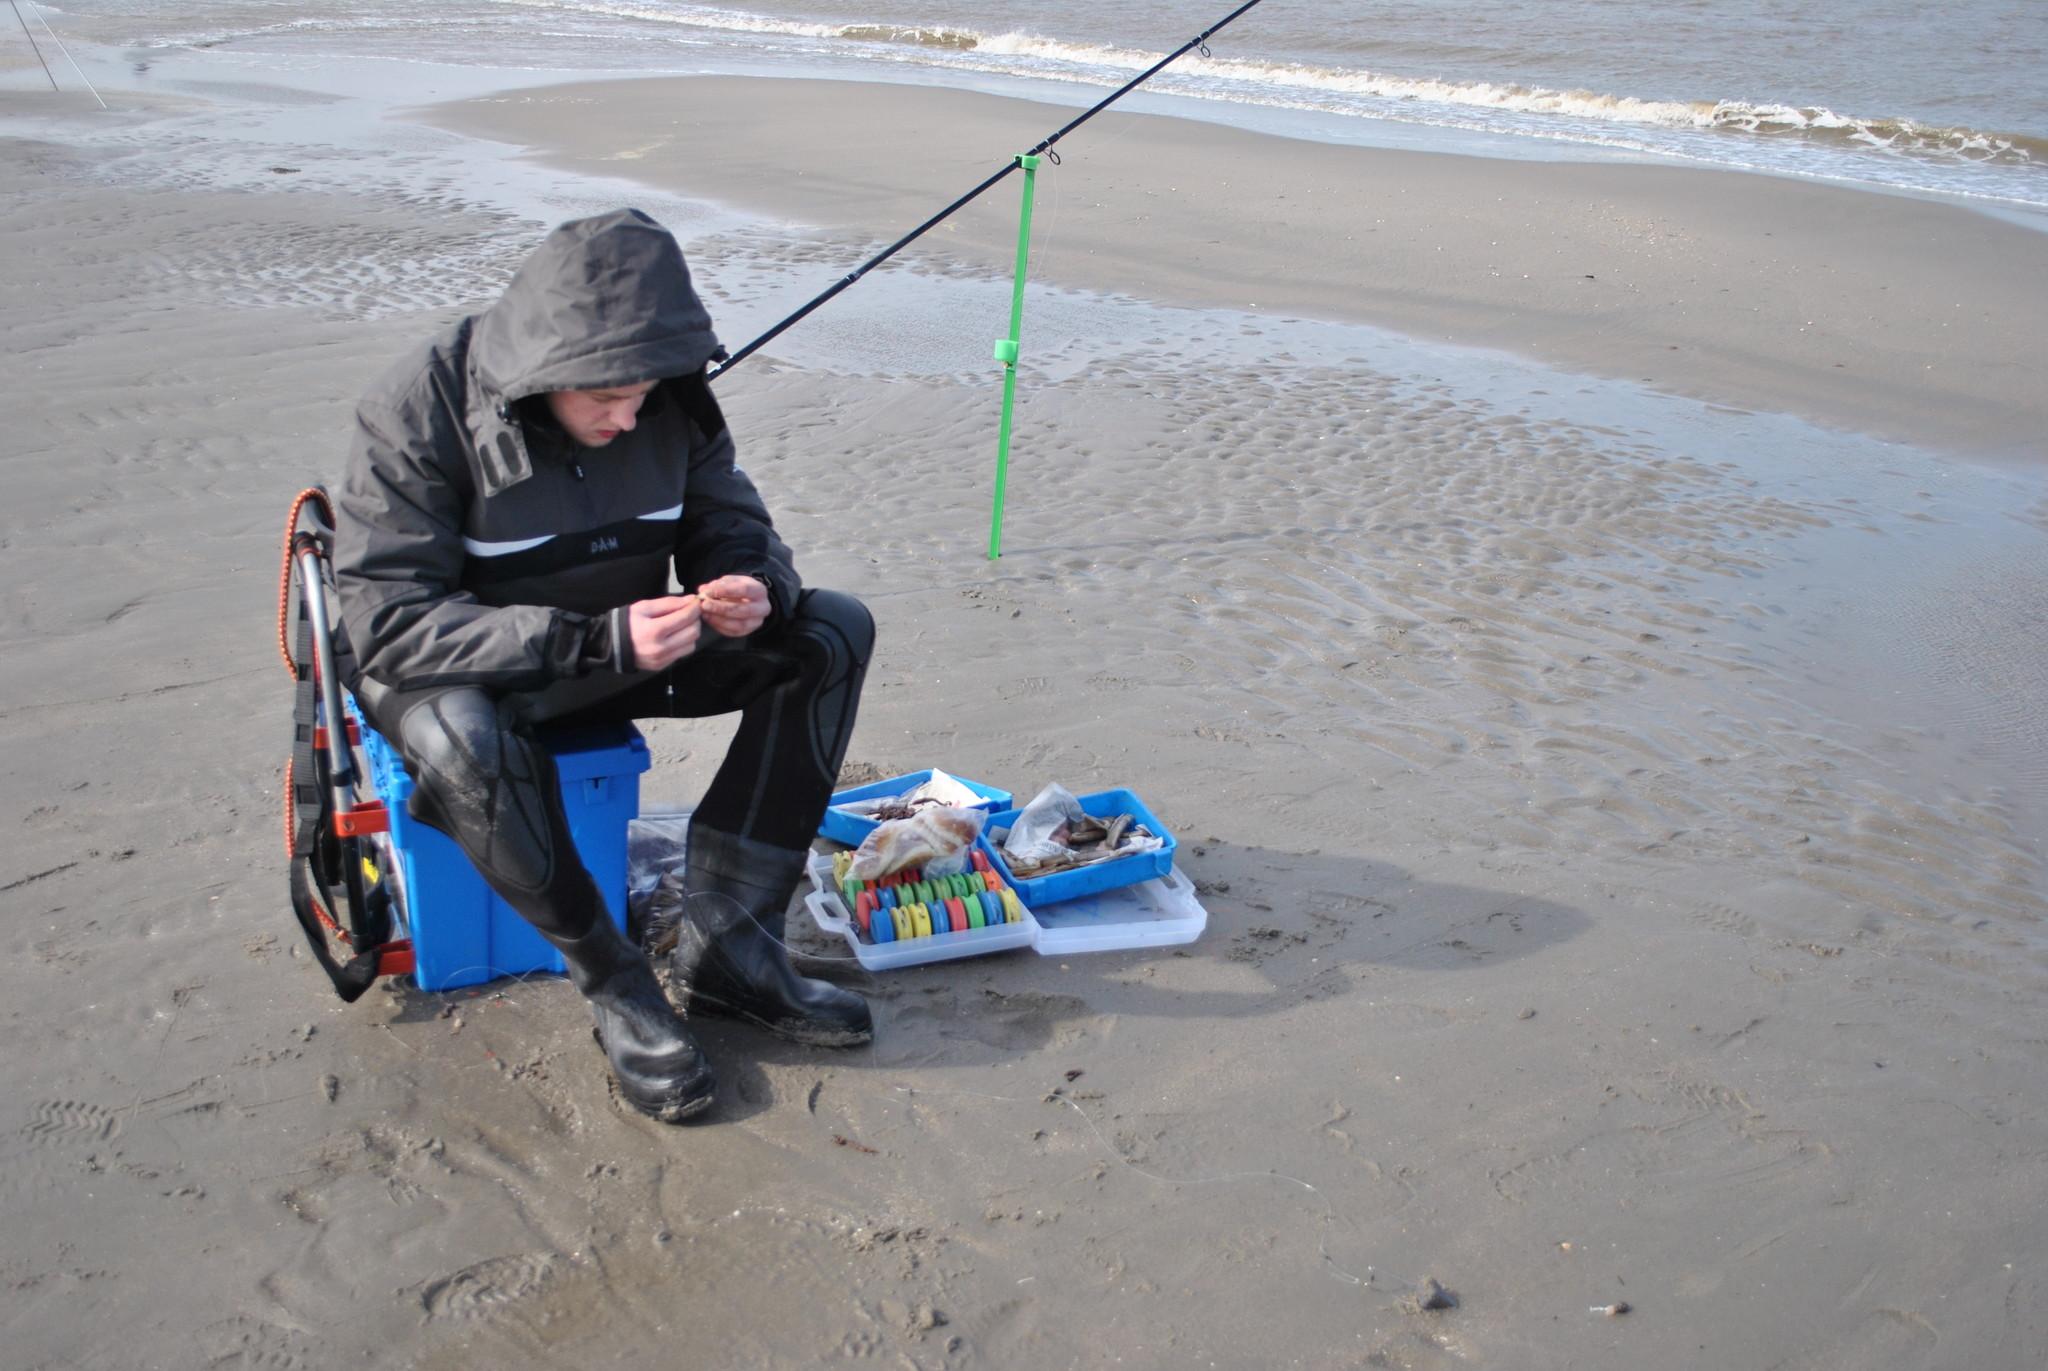 Hengelsport. Welk aas moet ik gebruiken aan het strand?